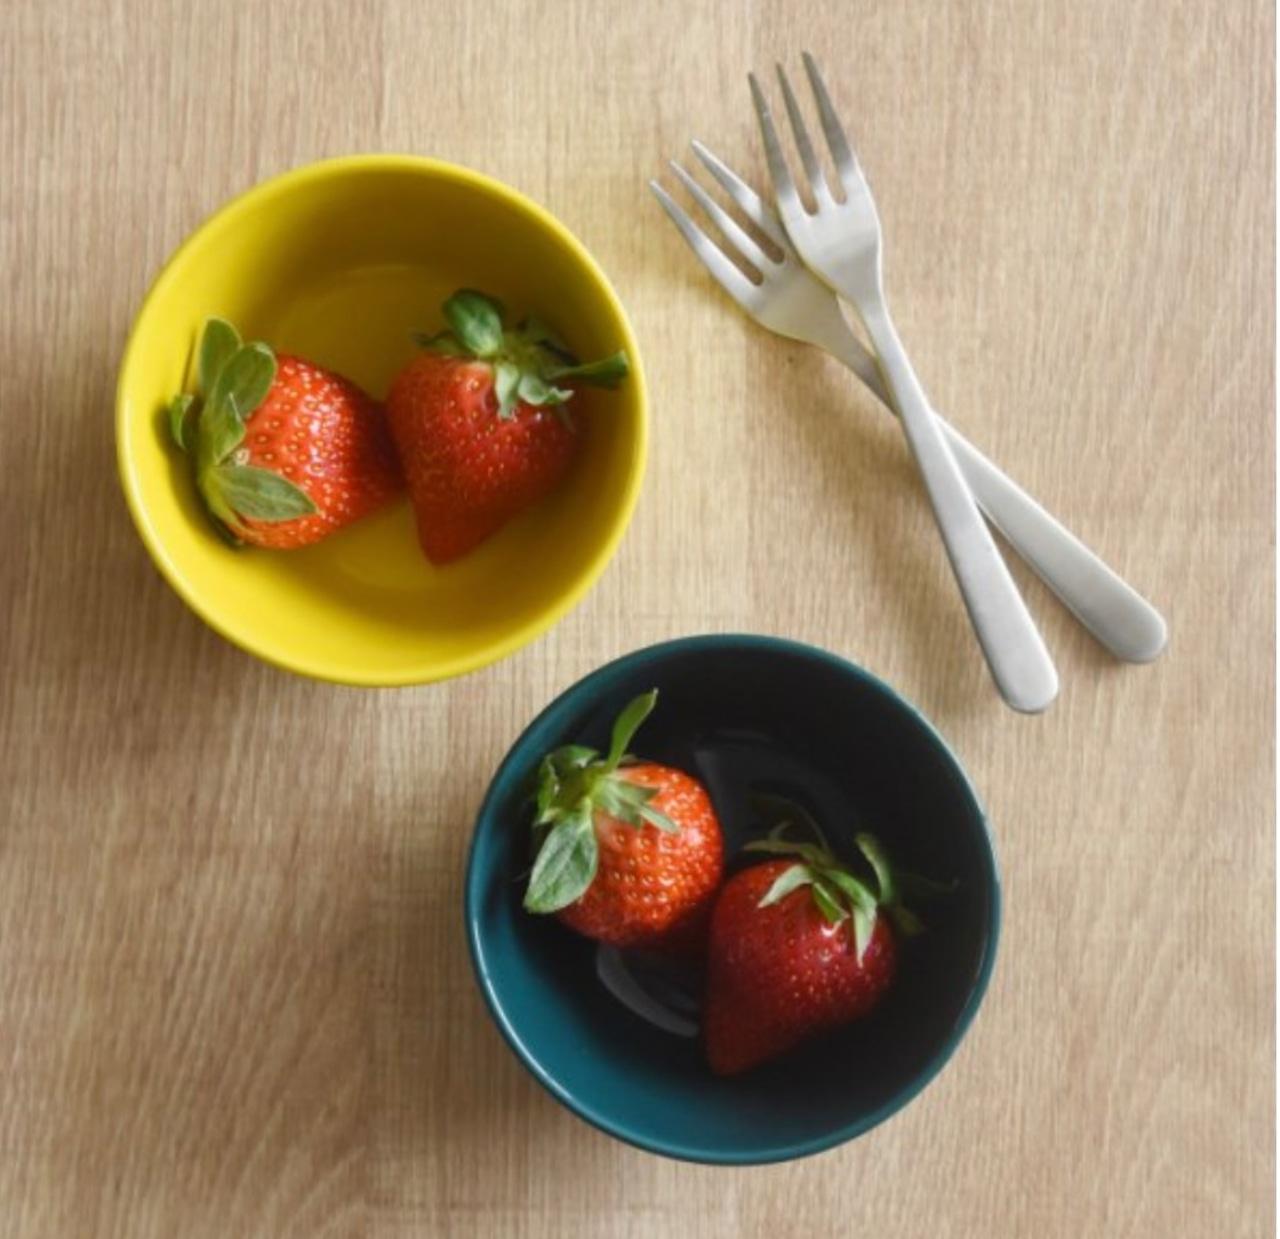 【natural69】【イロトリドリ】【ボウル M】 【波佐見焼】小鉢 デザートカップ フルーツ